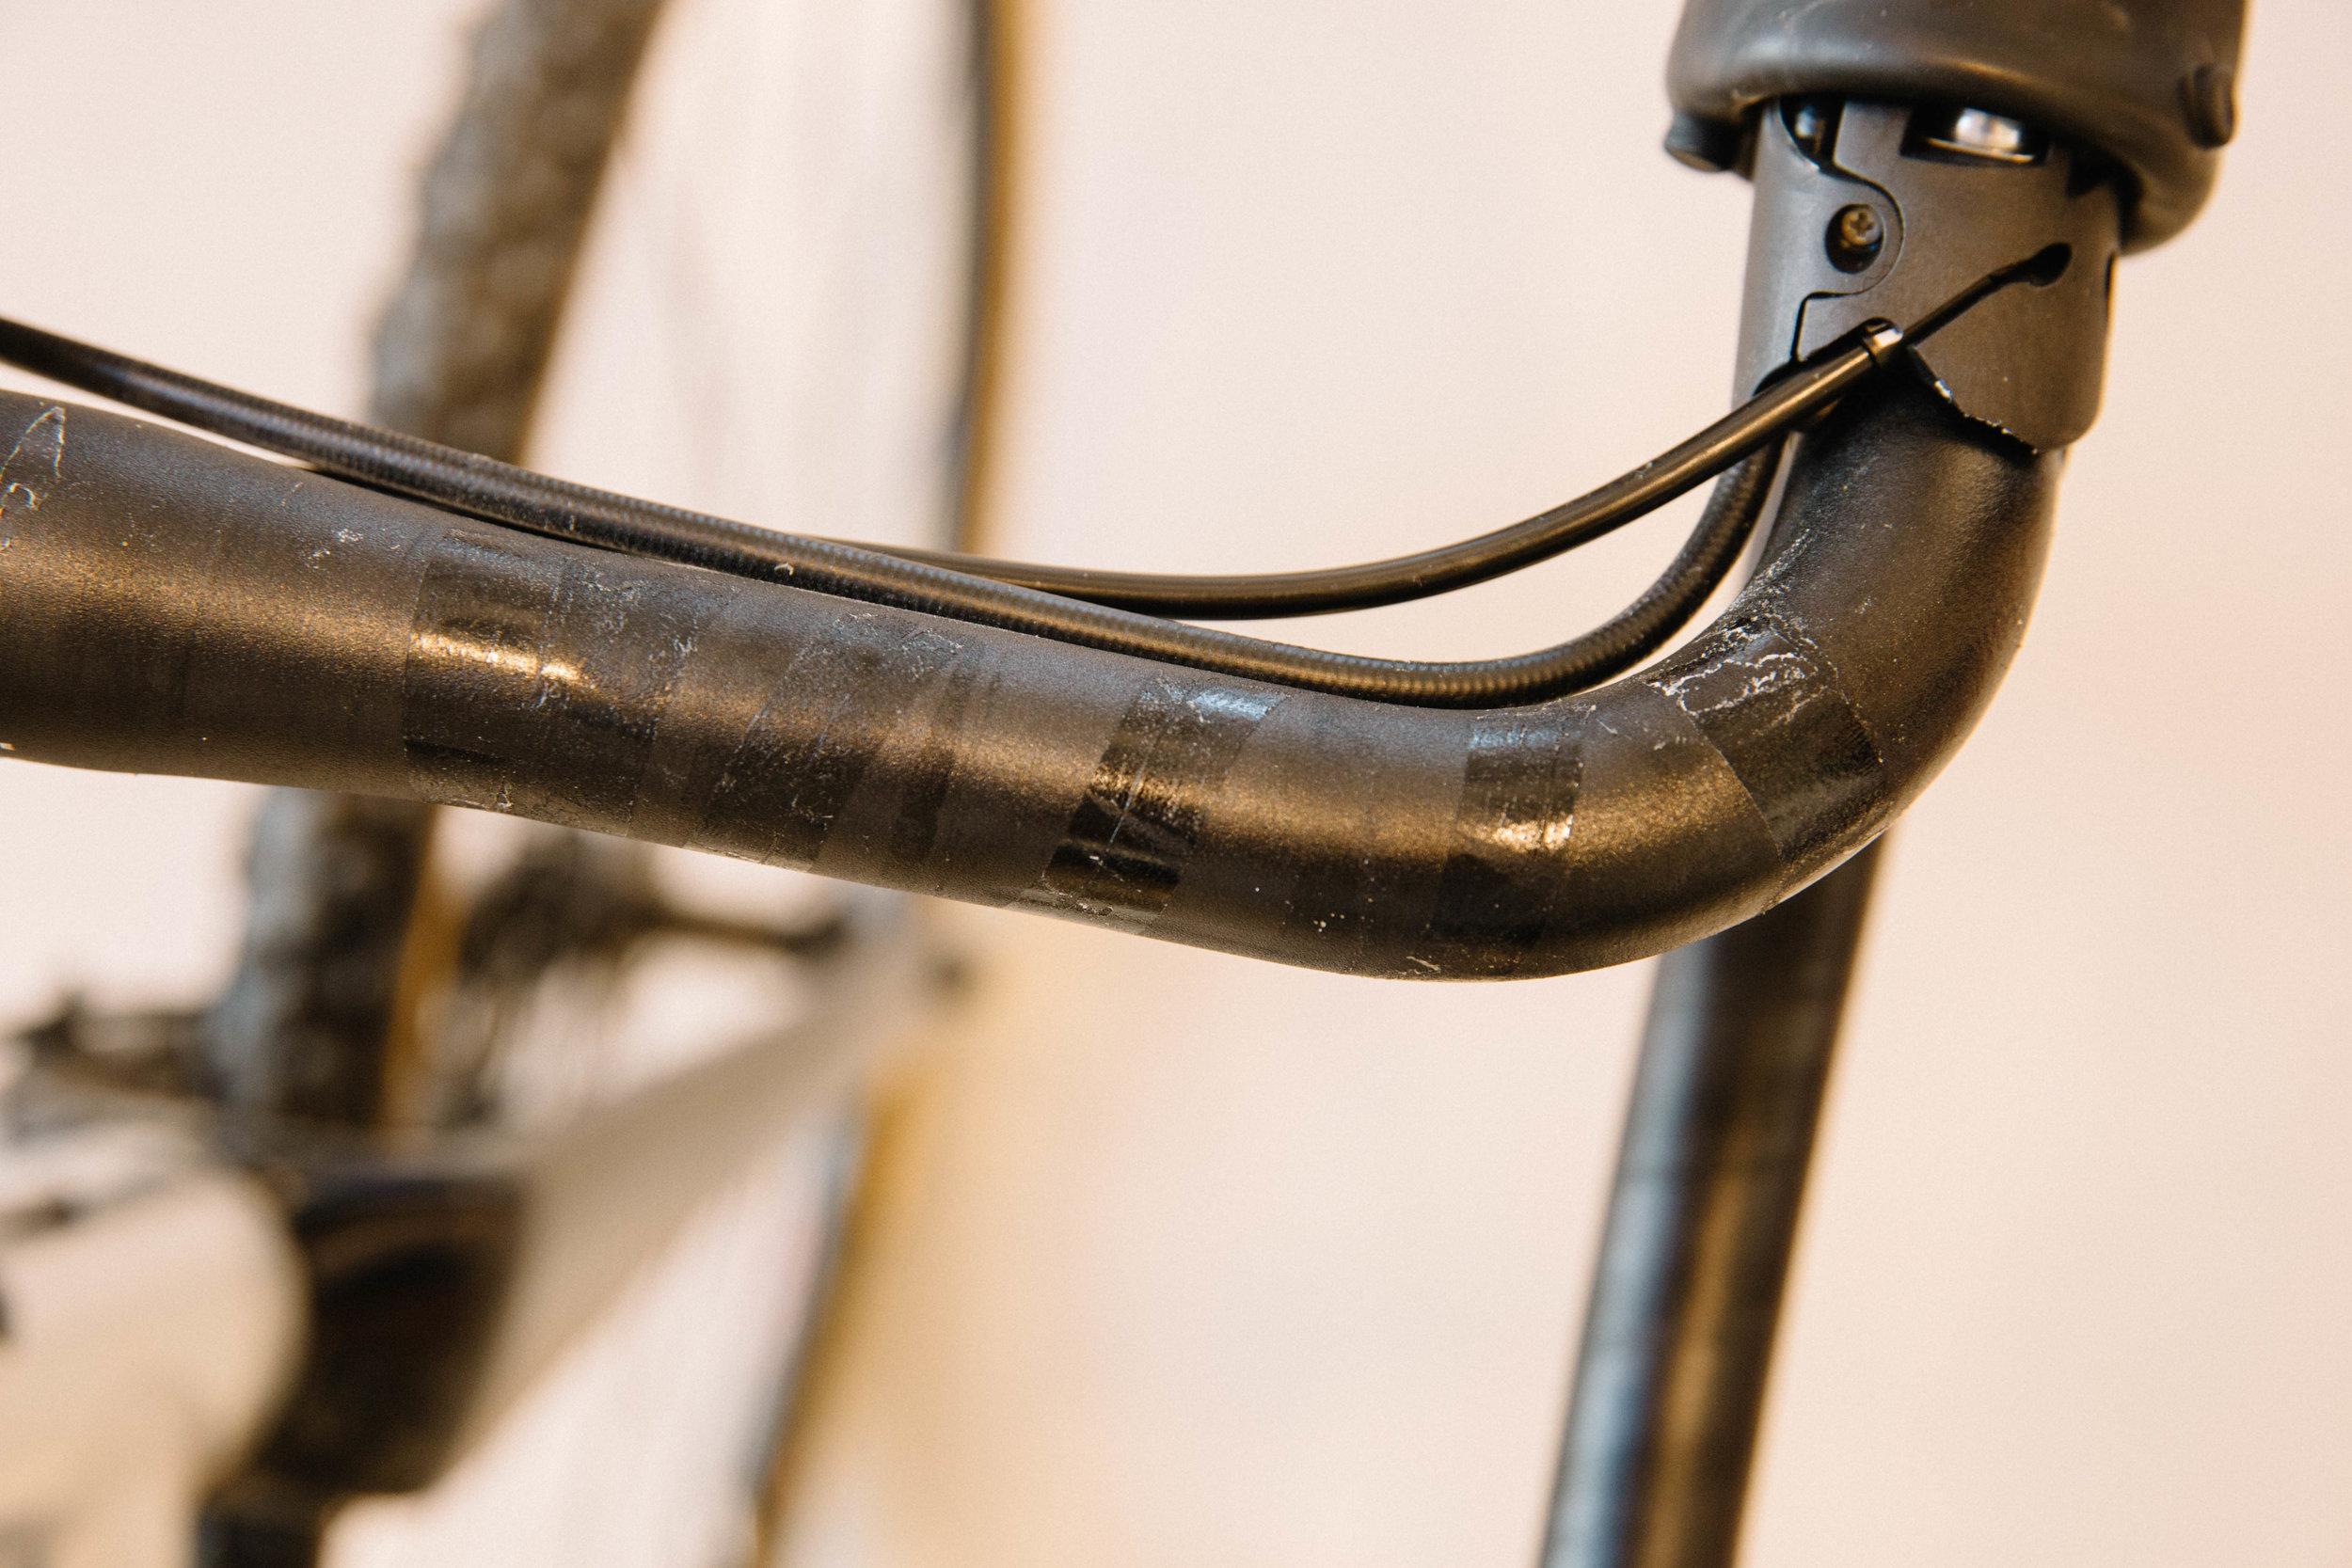 Die abgezogenen Klebestreifen bleiben fast immer noch am Lenker haften, dazwischen kleben noch Überreste des alten Lenkerbandes.